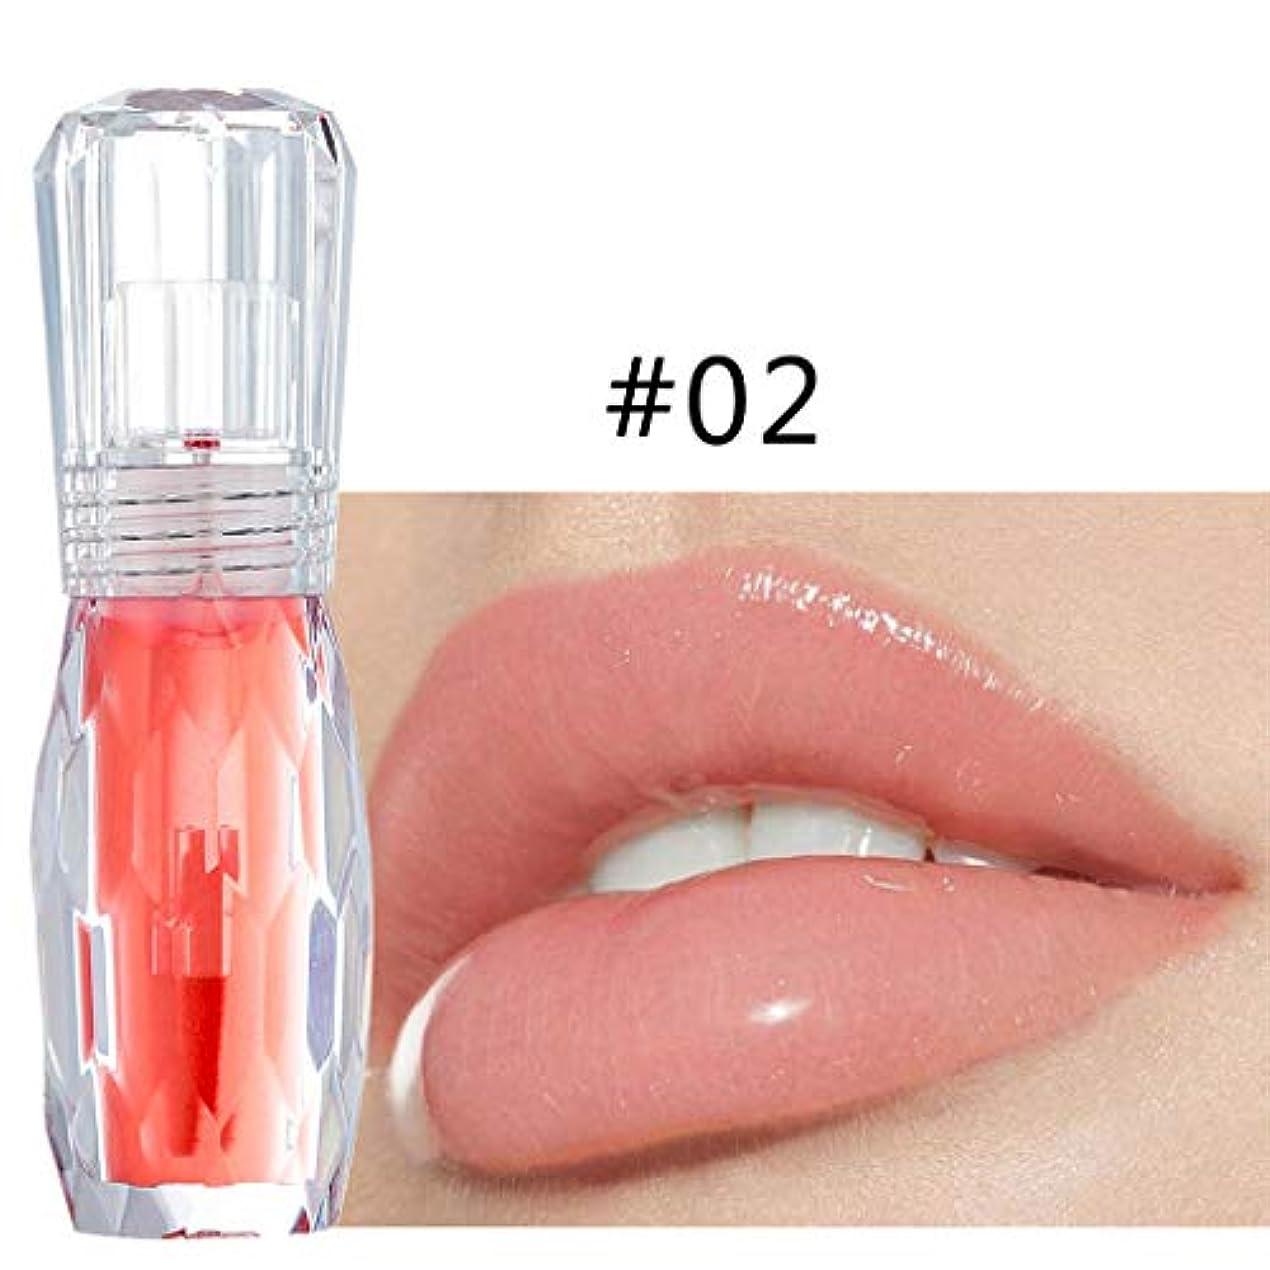 耐える希望に満ちた起訴するビューティー 口紅 Jopinica 6色ピンク系液体リップスティック 透明魅力液体リップグロス キラキラ落ちにくい口紅 安いメイクアップ ナチュラル美容化粧品 ハイライト プレイカラー うるおい 持ち運び便利 光沢 自然立体...